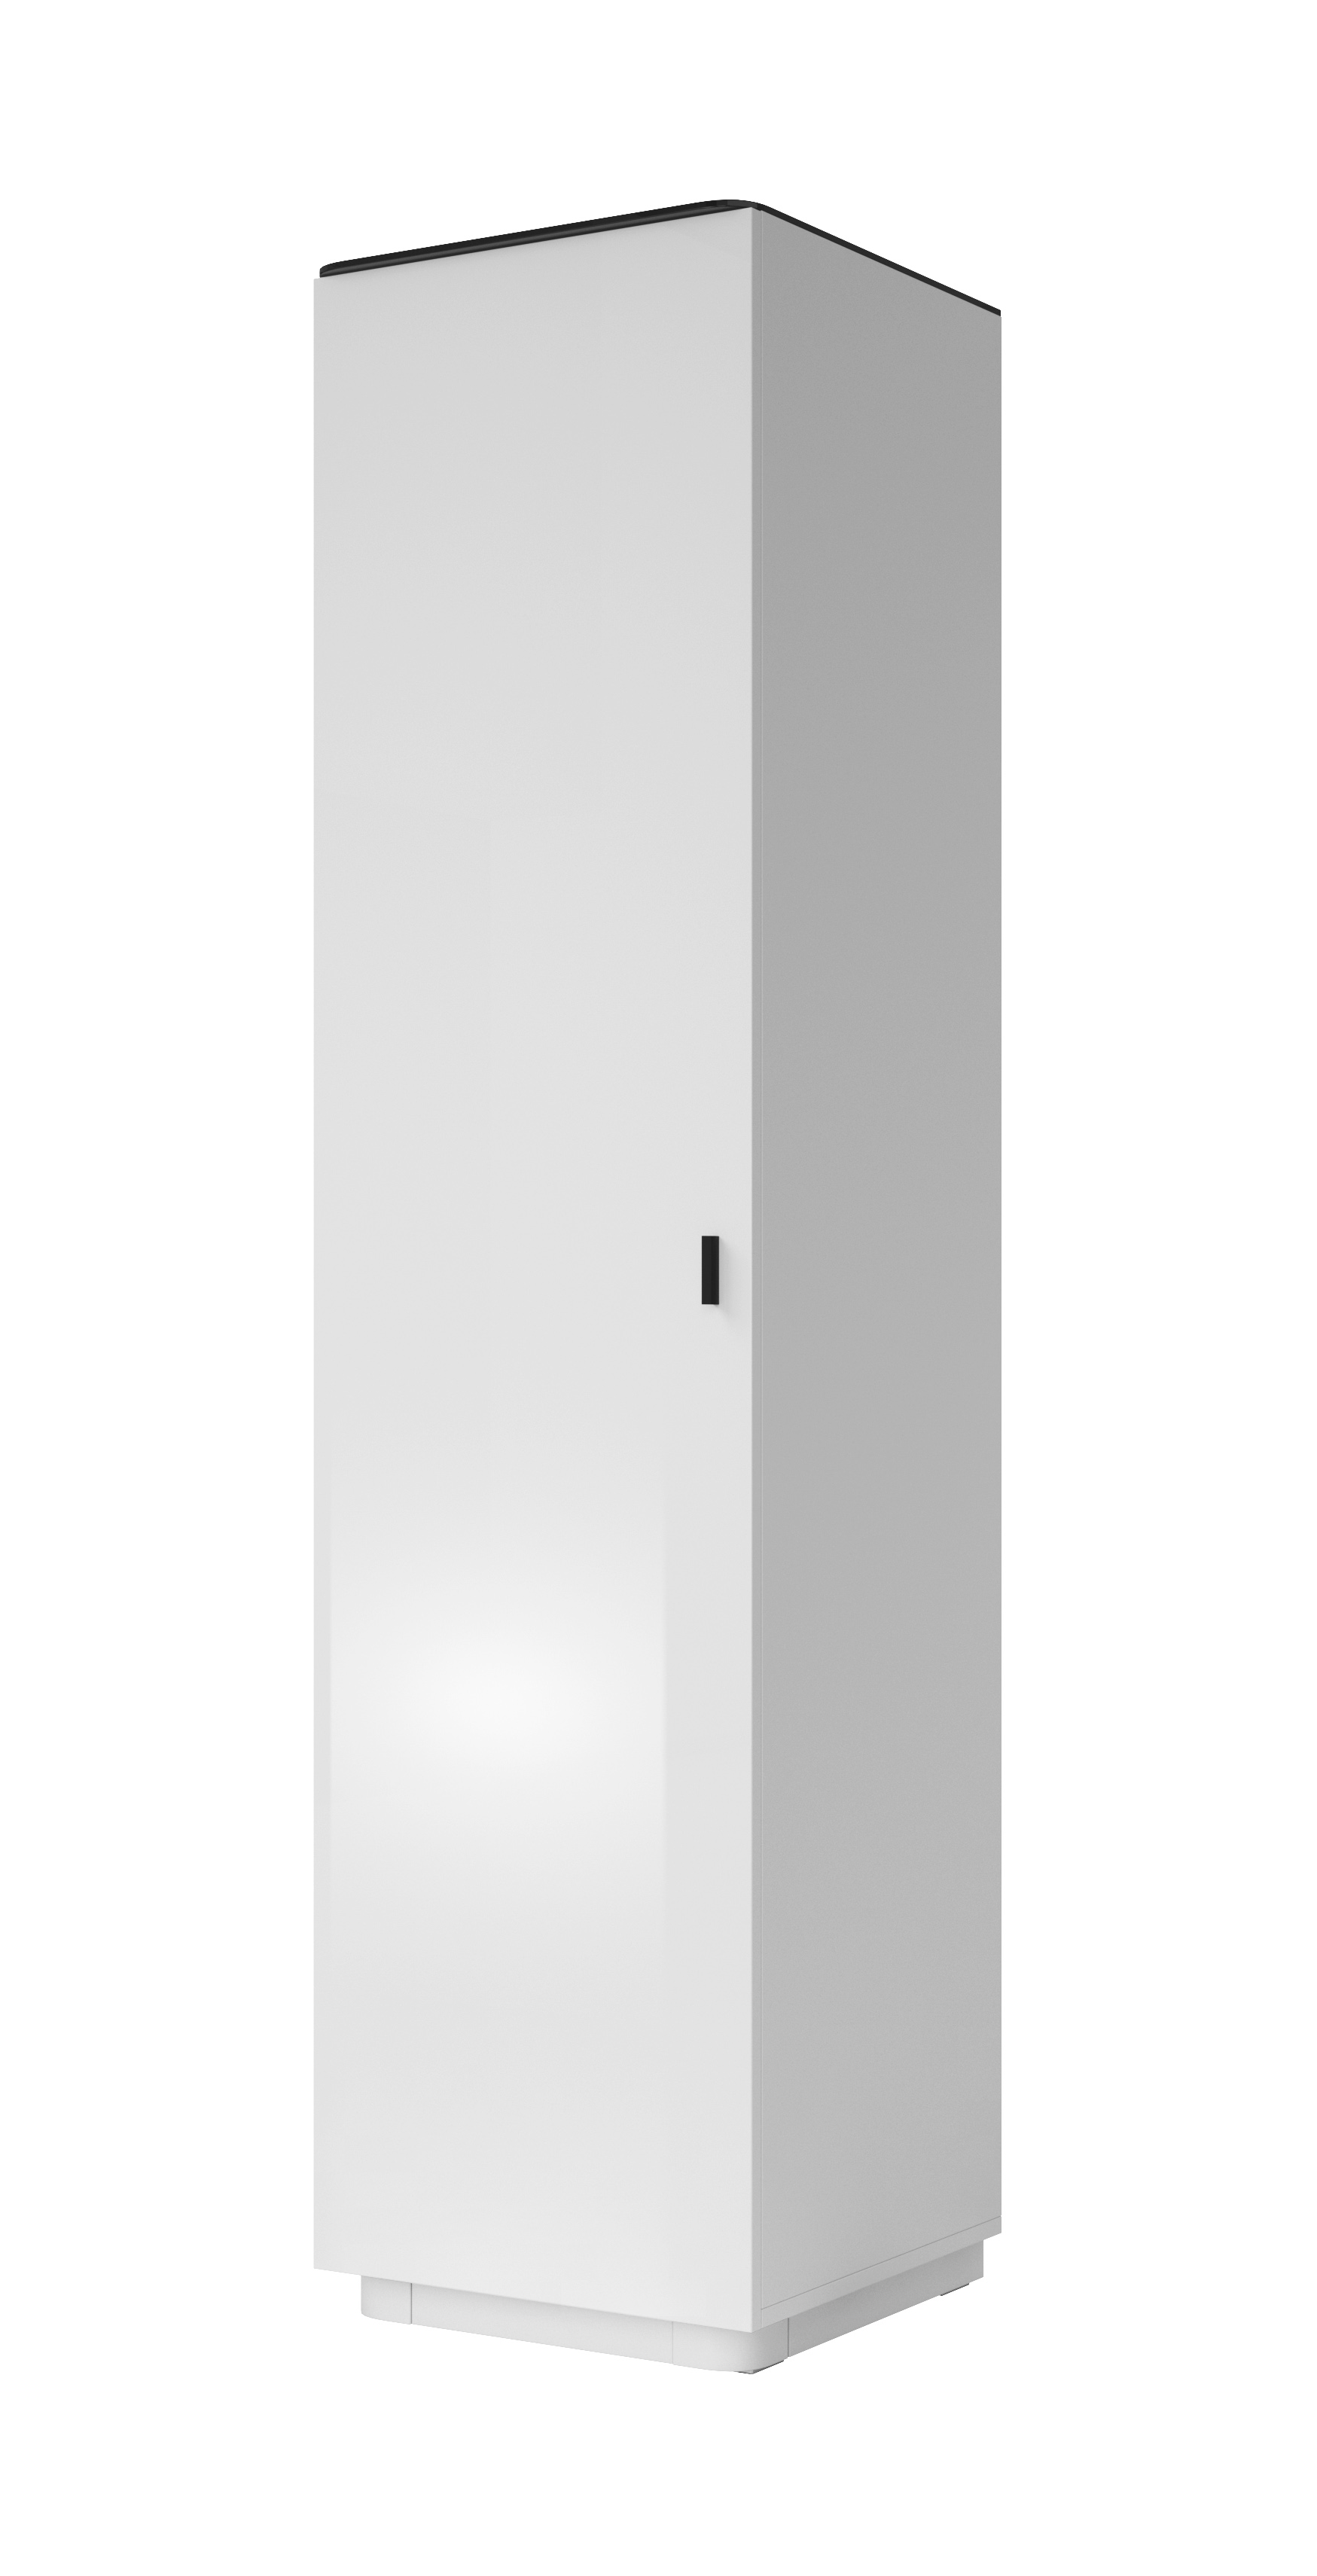 Šatní skříň - Toft - Typ 17 L/P (bílá + černé sklo)